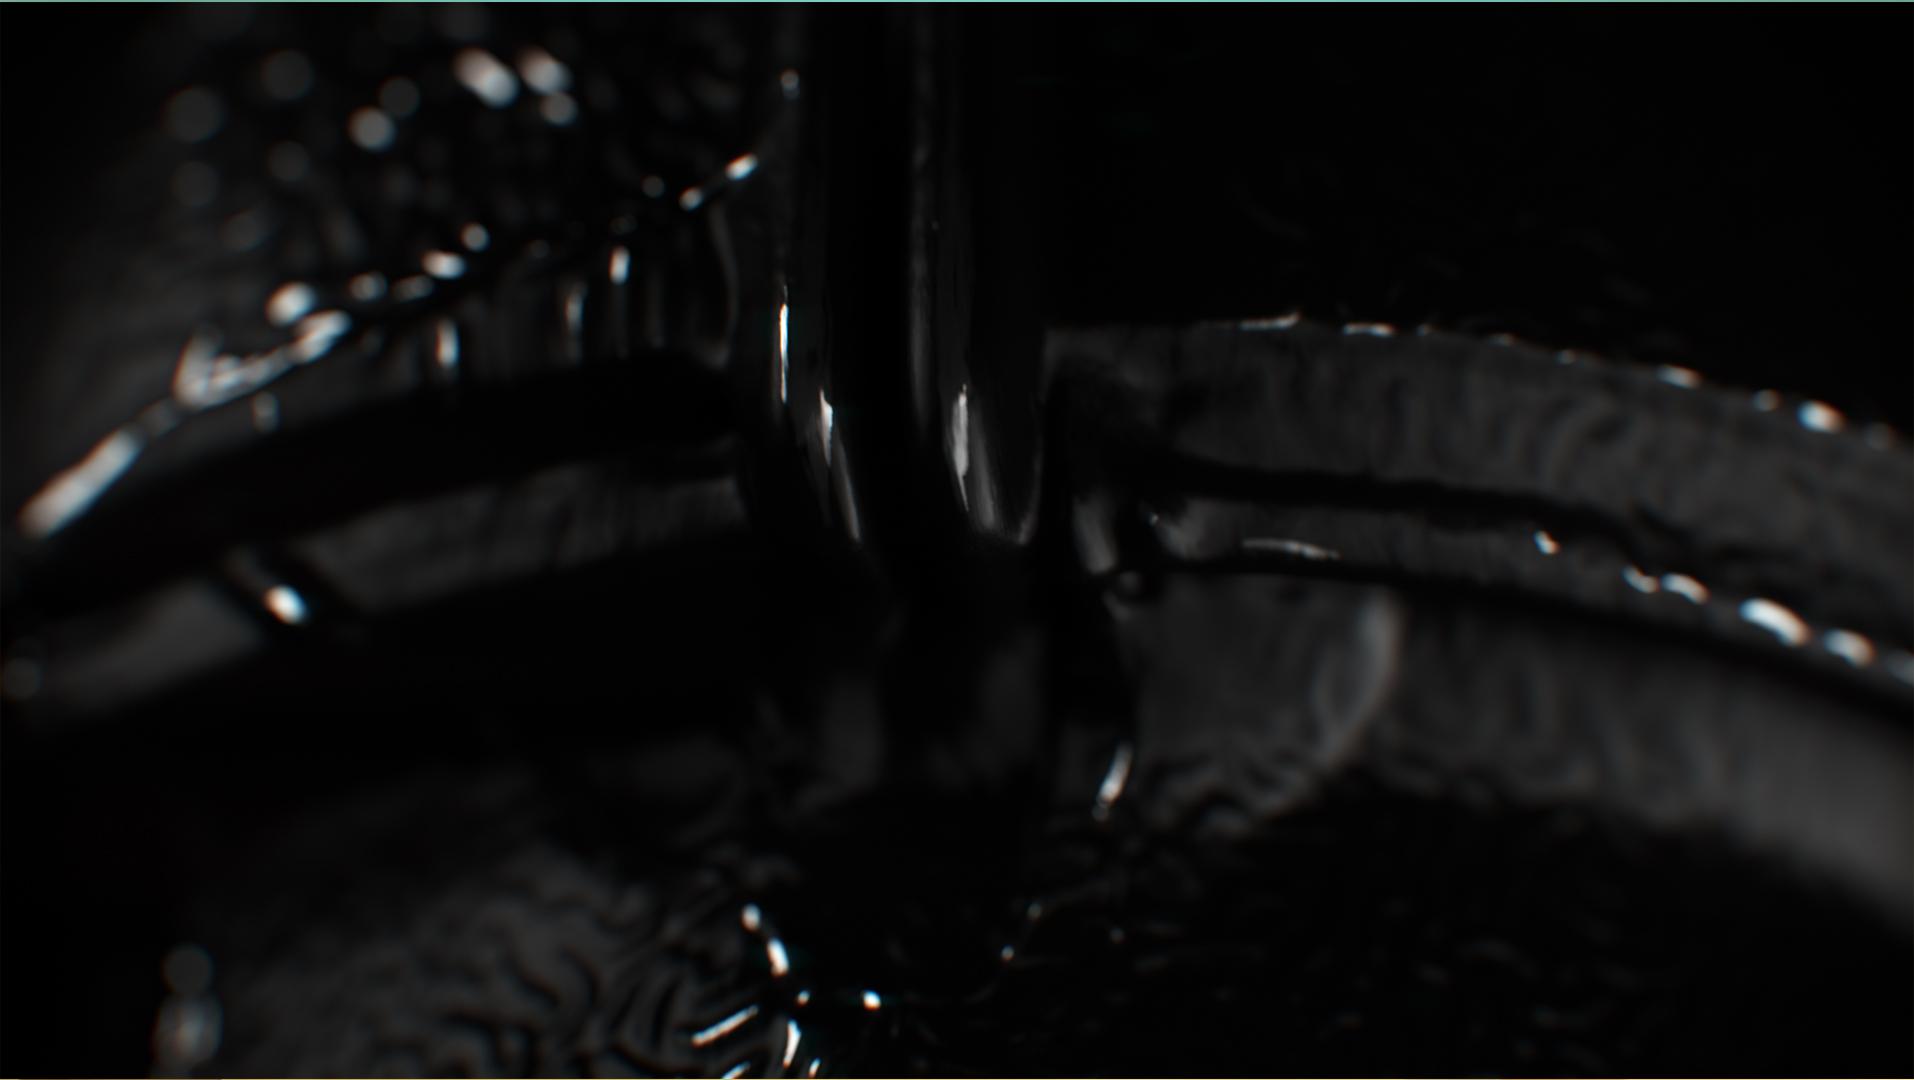 GALERIE-Dripmoon-Studio 3D-Tours-Motion design - Veuve Clicquot - La grande dame - Packshot 1